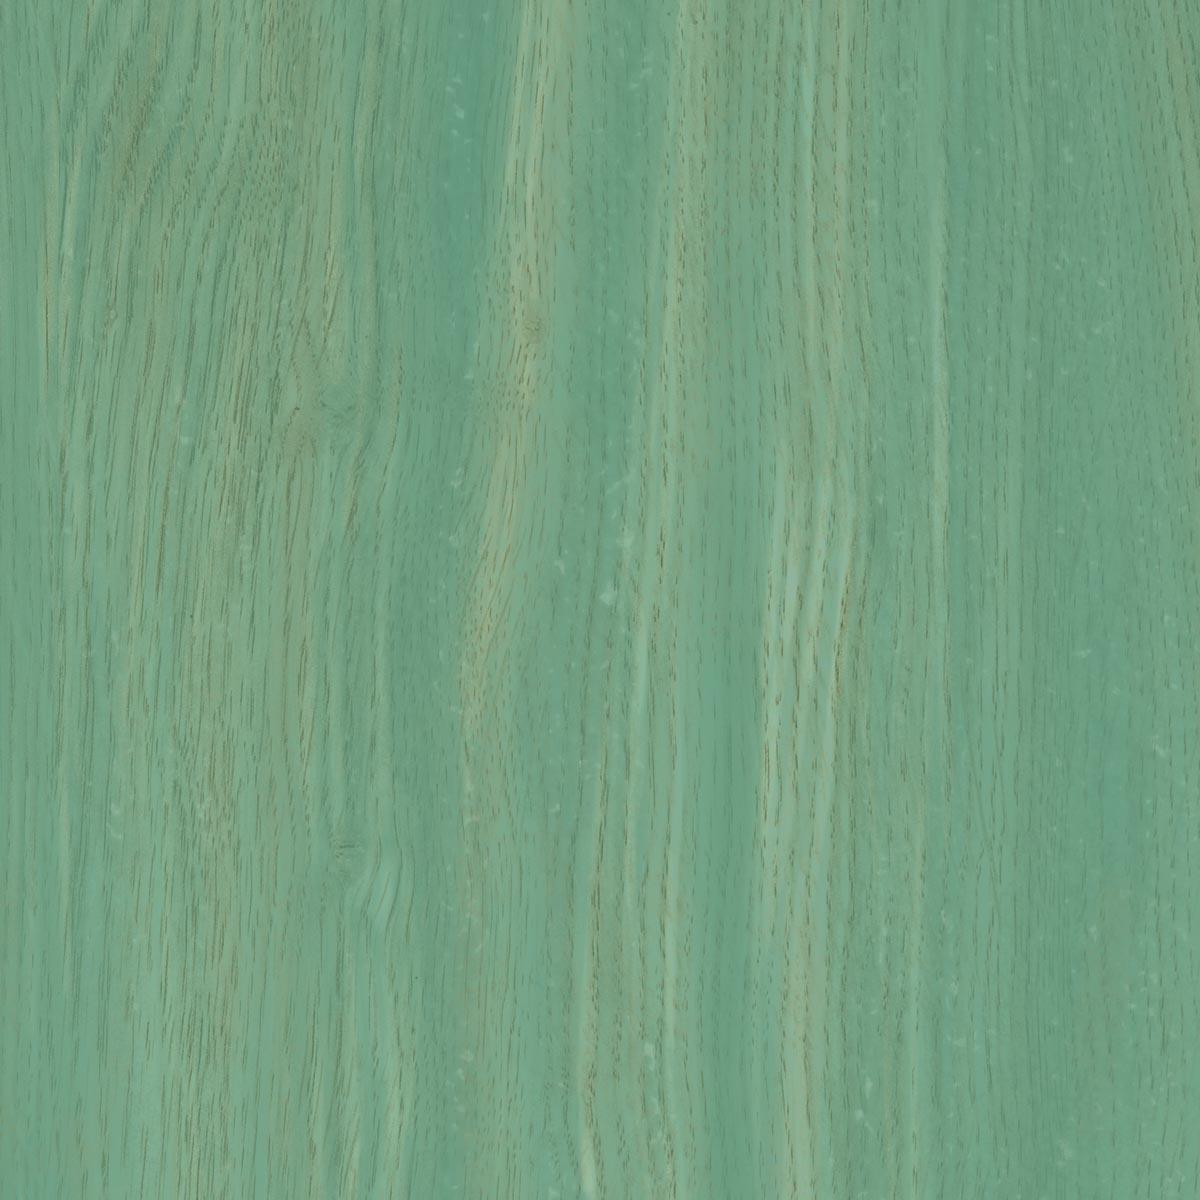 FolkArt ® Pickling Wash™ - Hidden Oasis, 8 oz.